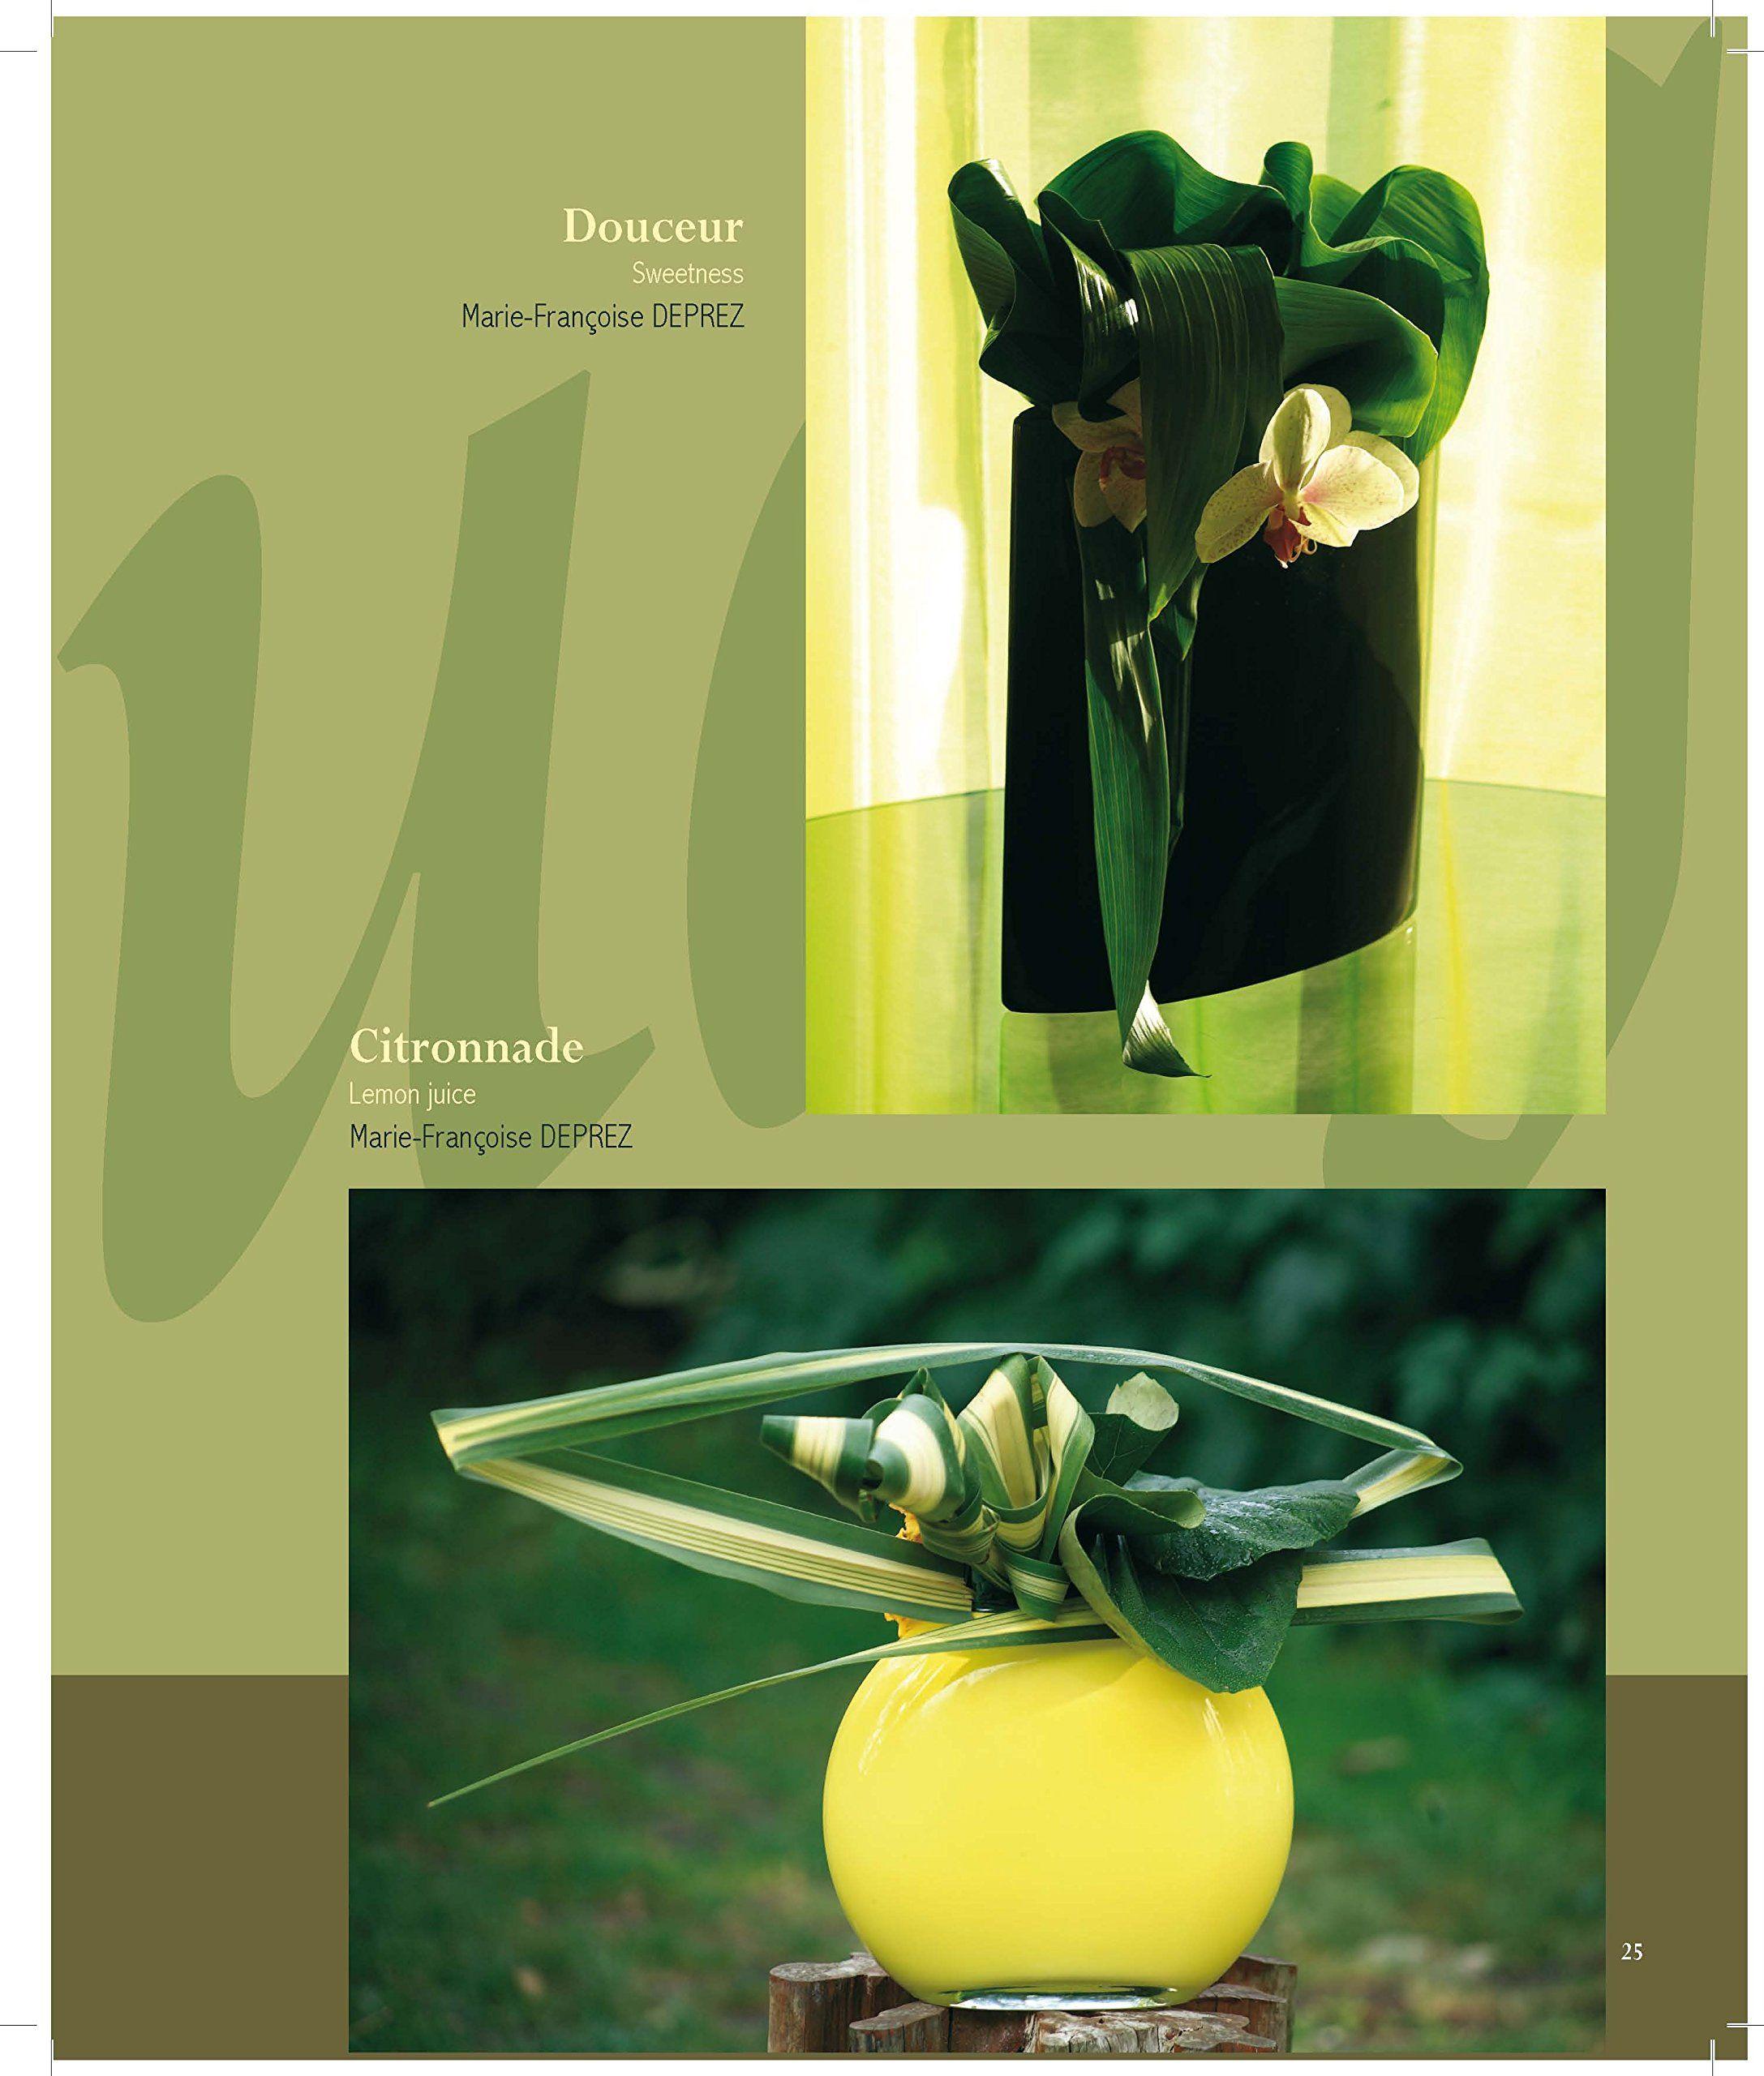 Jeux De Fleurs: DEPREZ marie Francoise: 9782953496253: Amazon.com: Books | Creative design ...